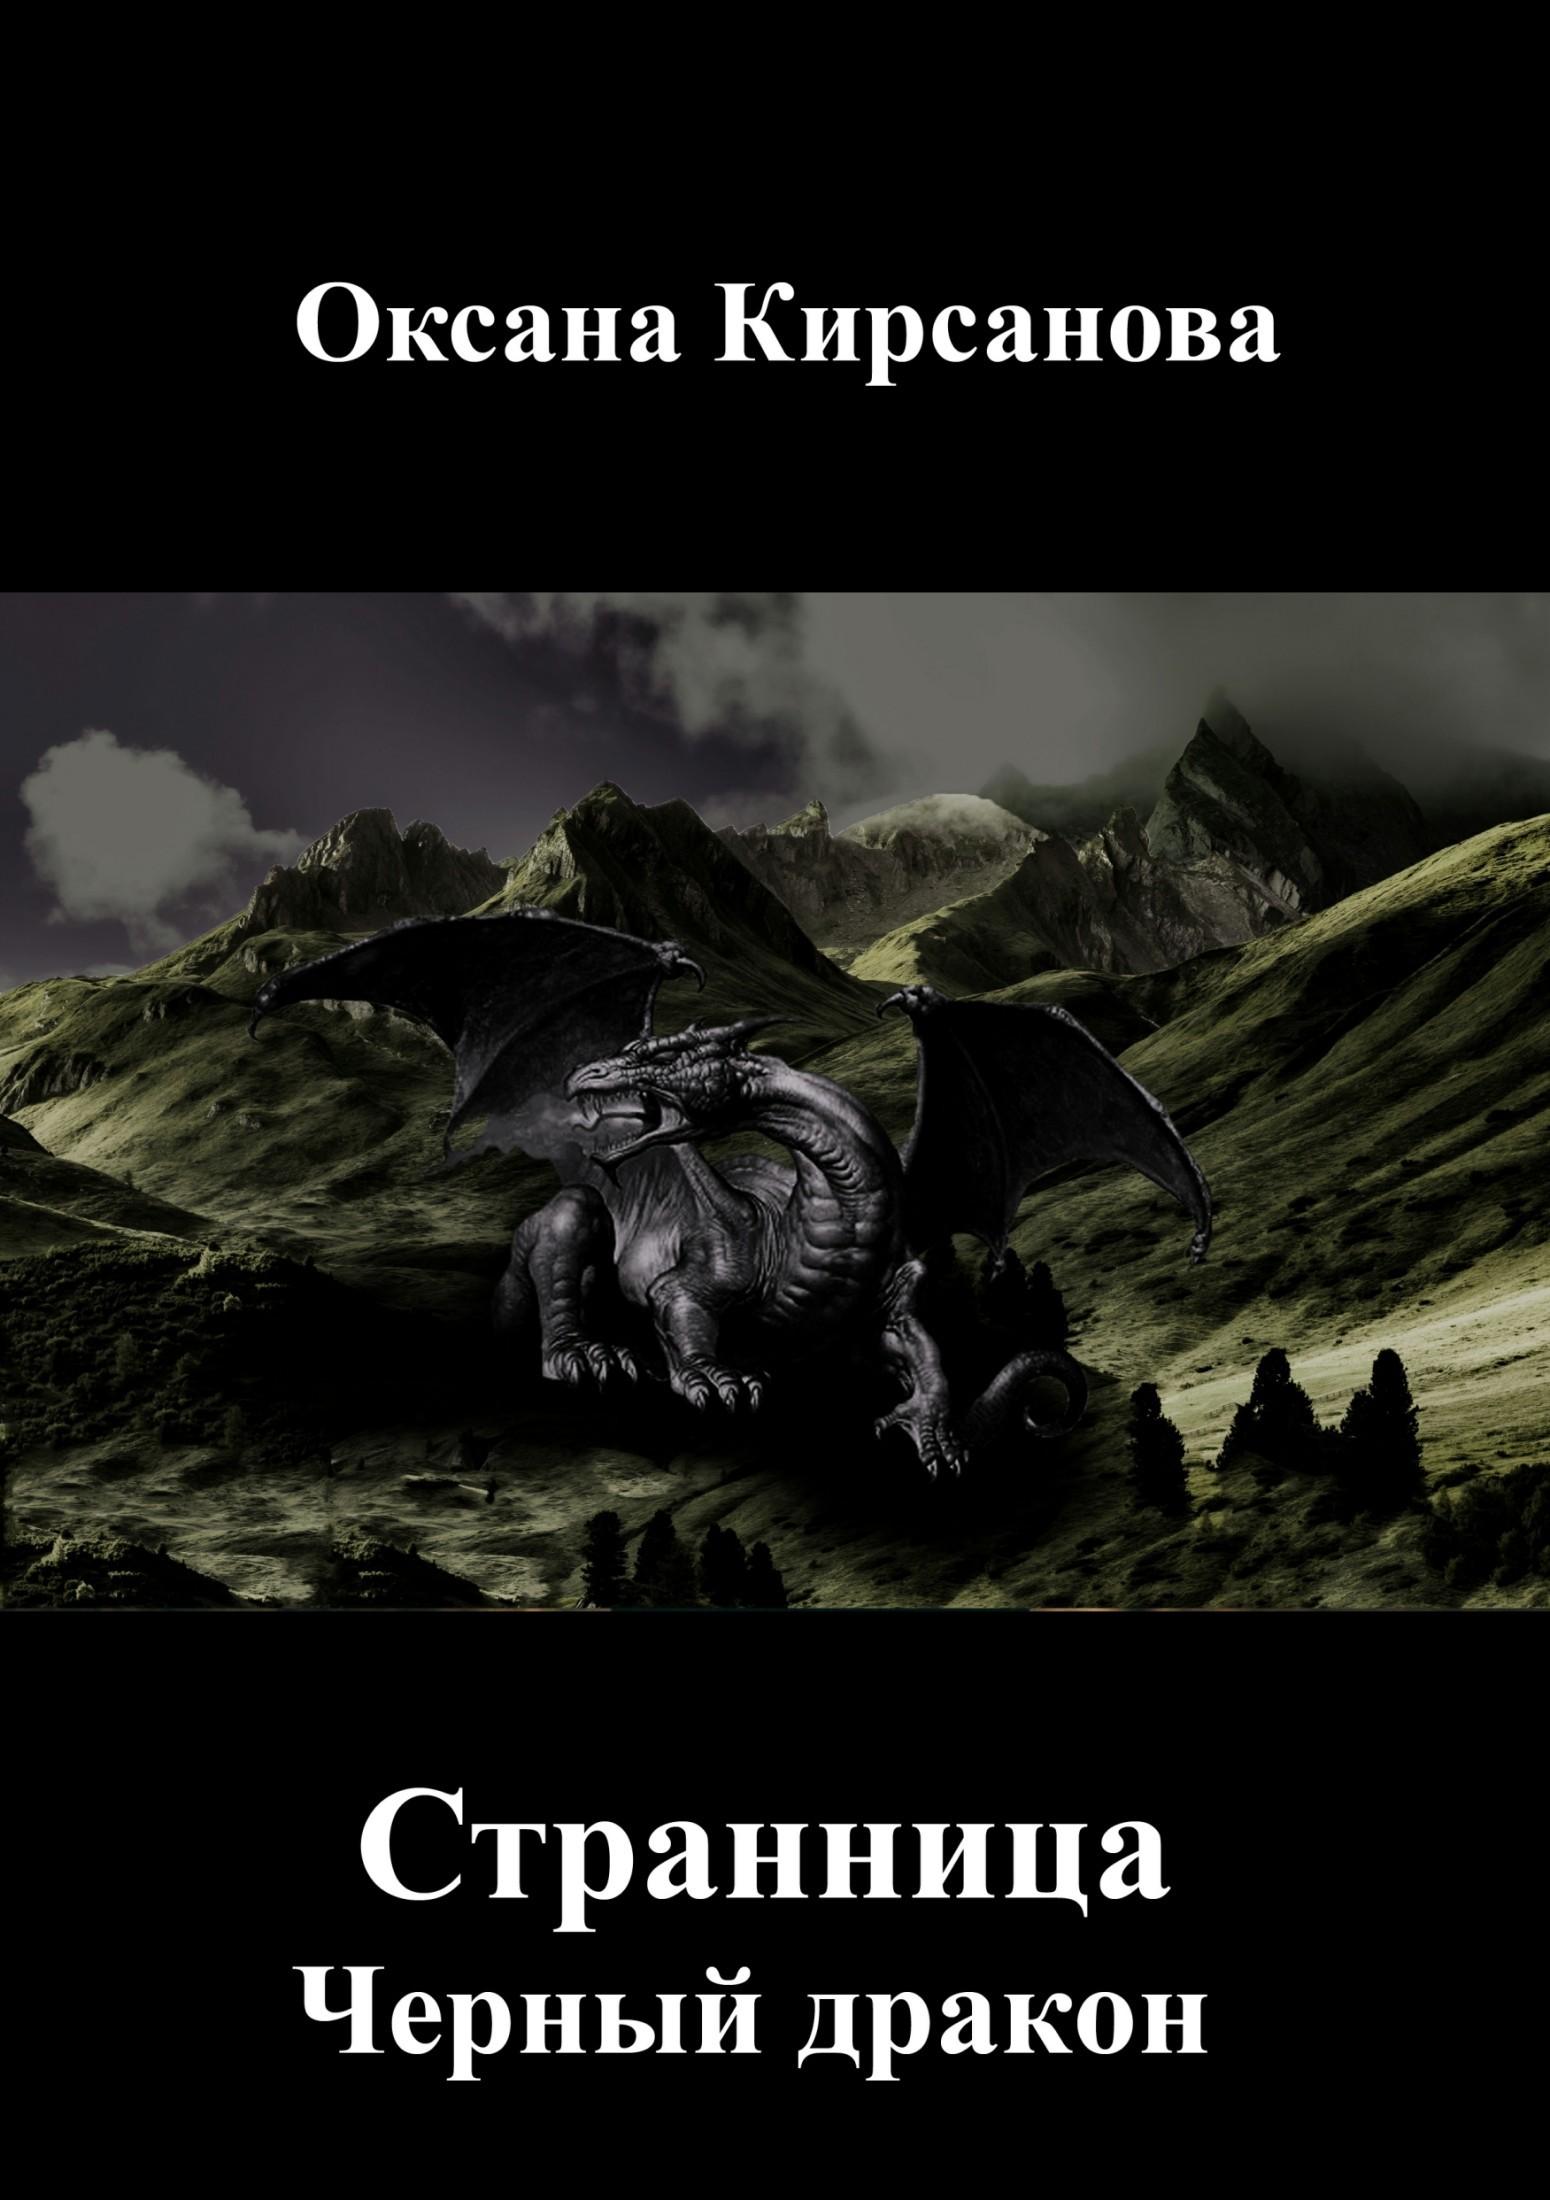 Оксана Кирсанова - Странница. Черный дракон